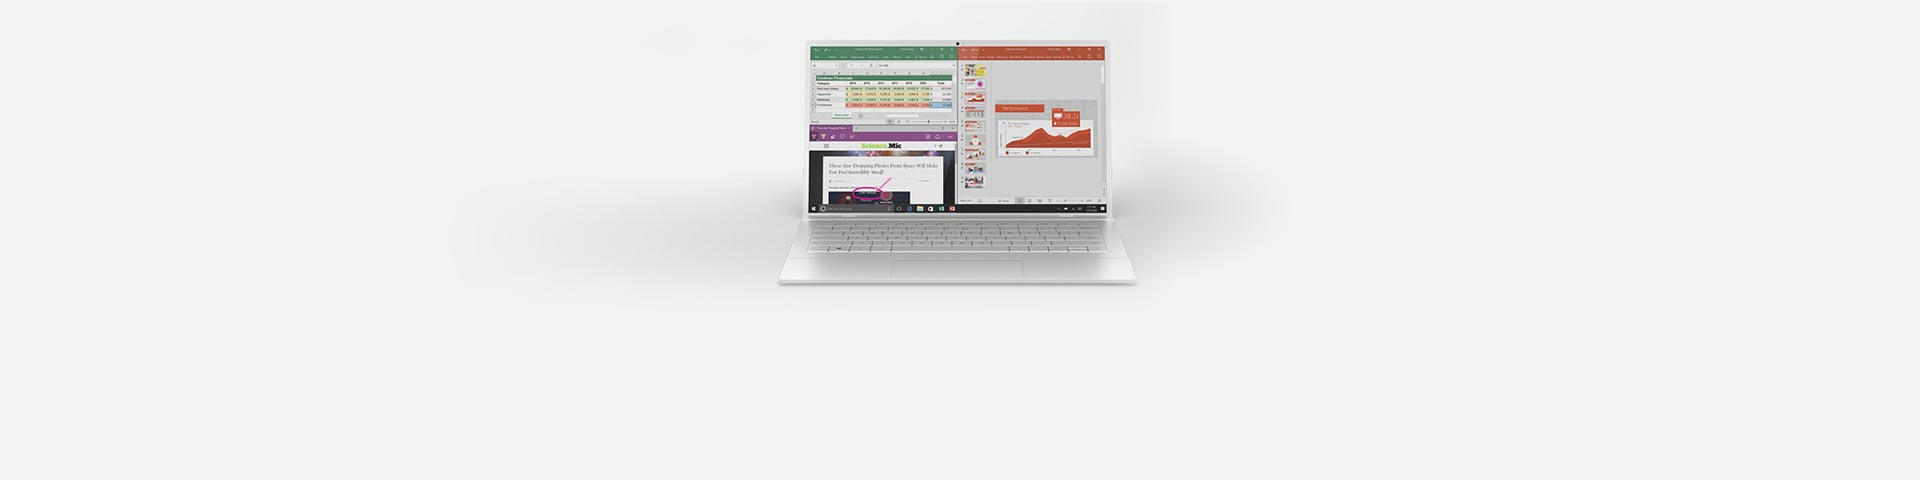 화면에 Office 앱이 표시된 노트북